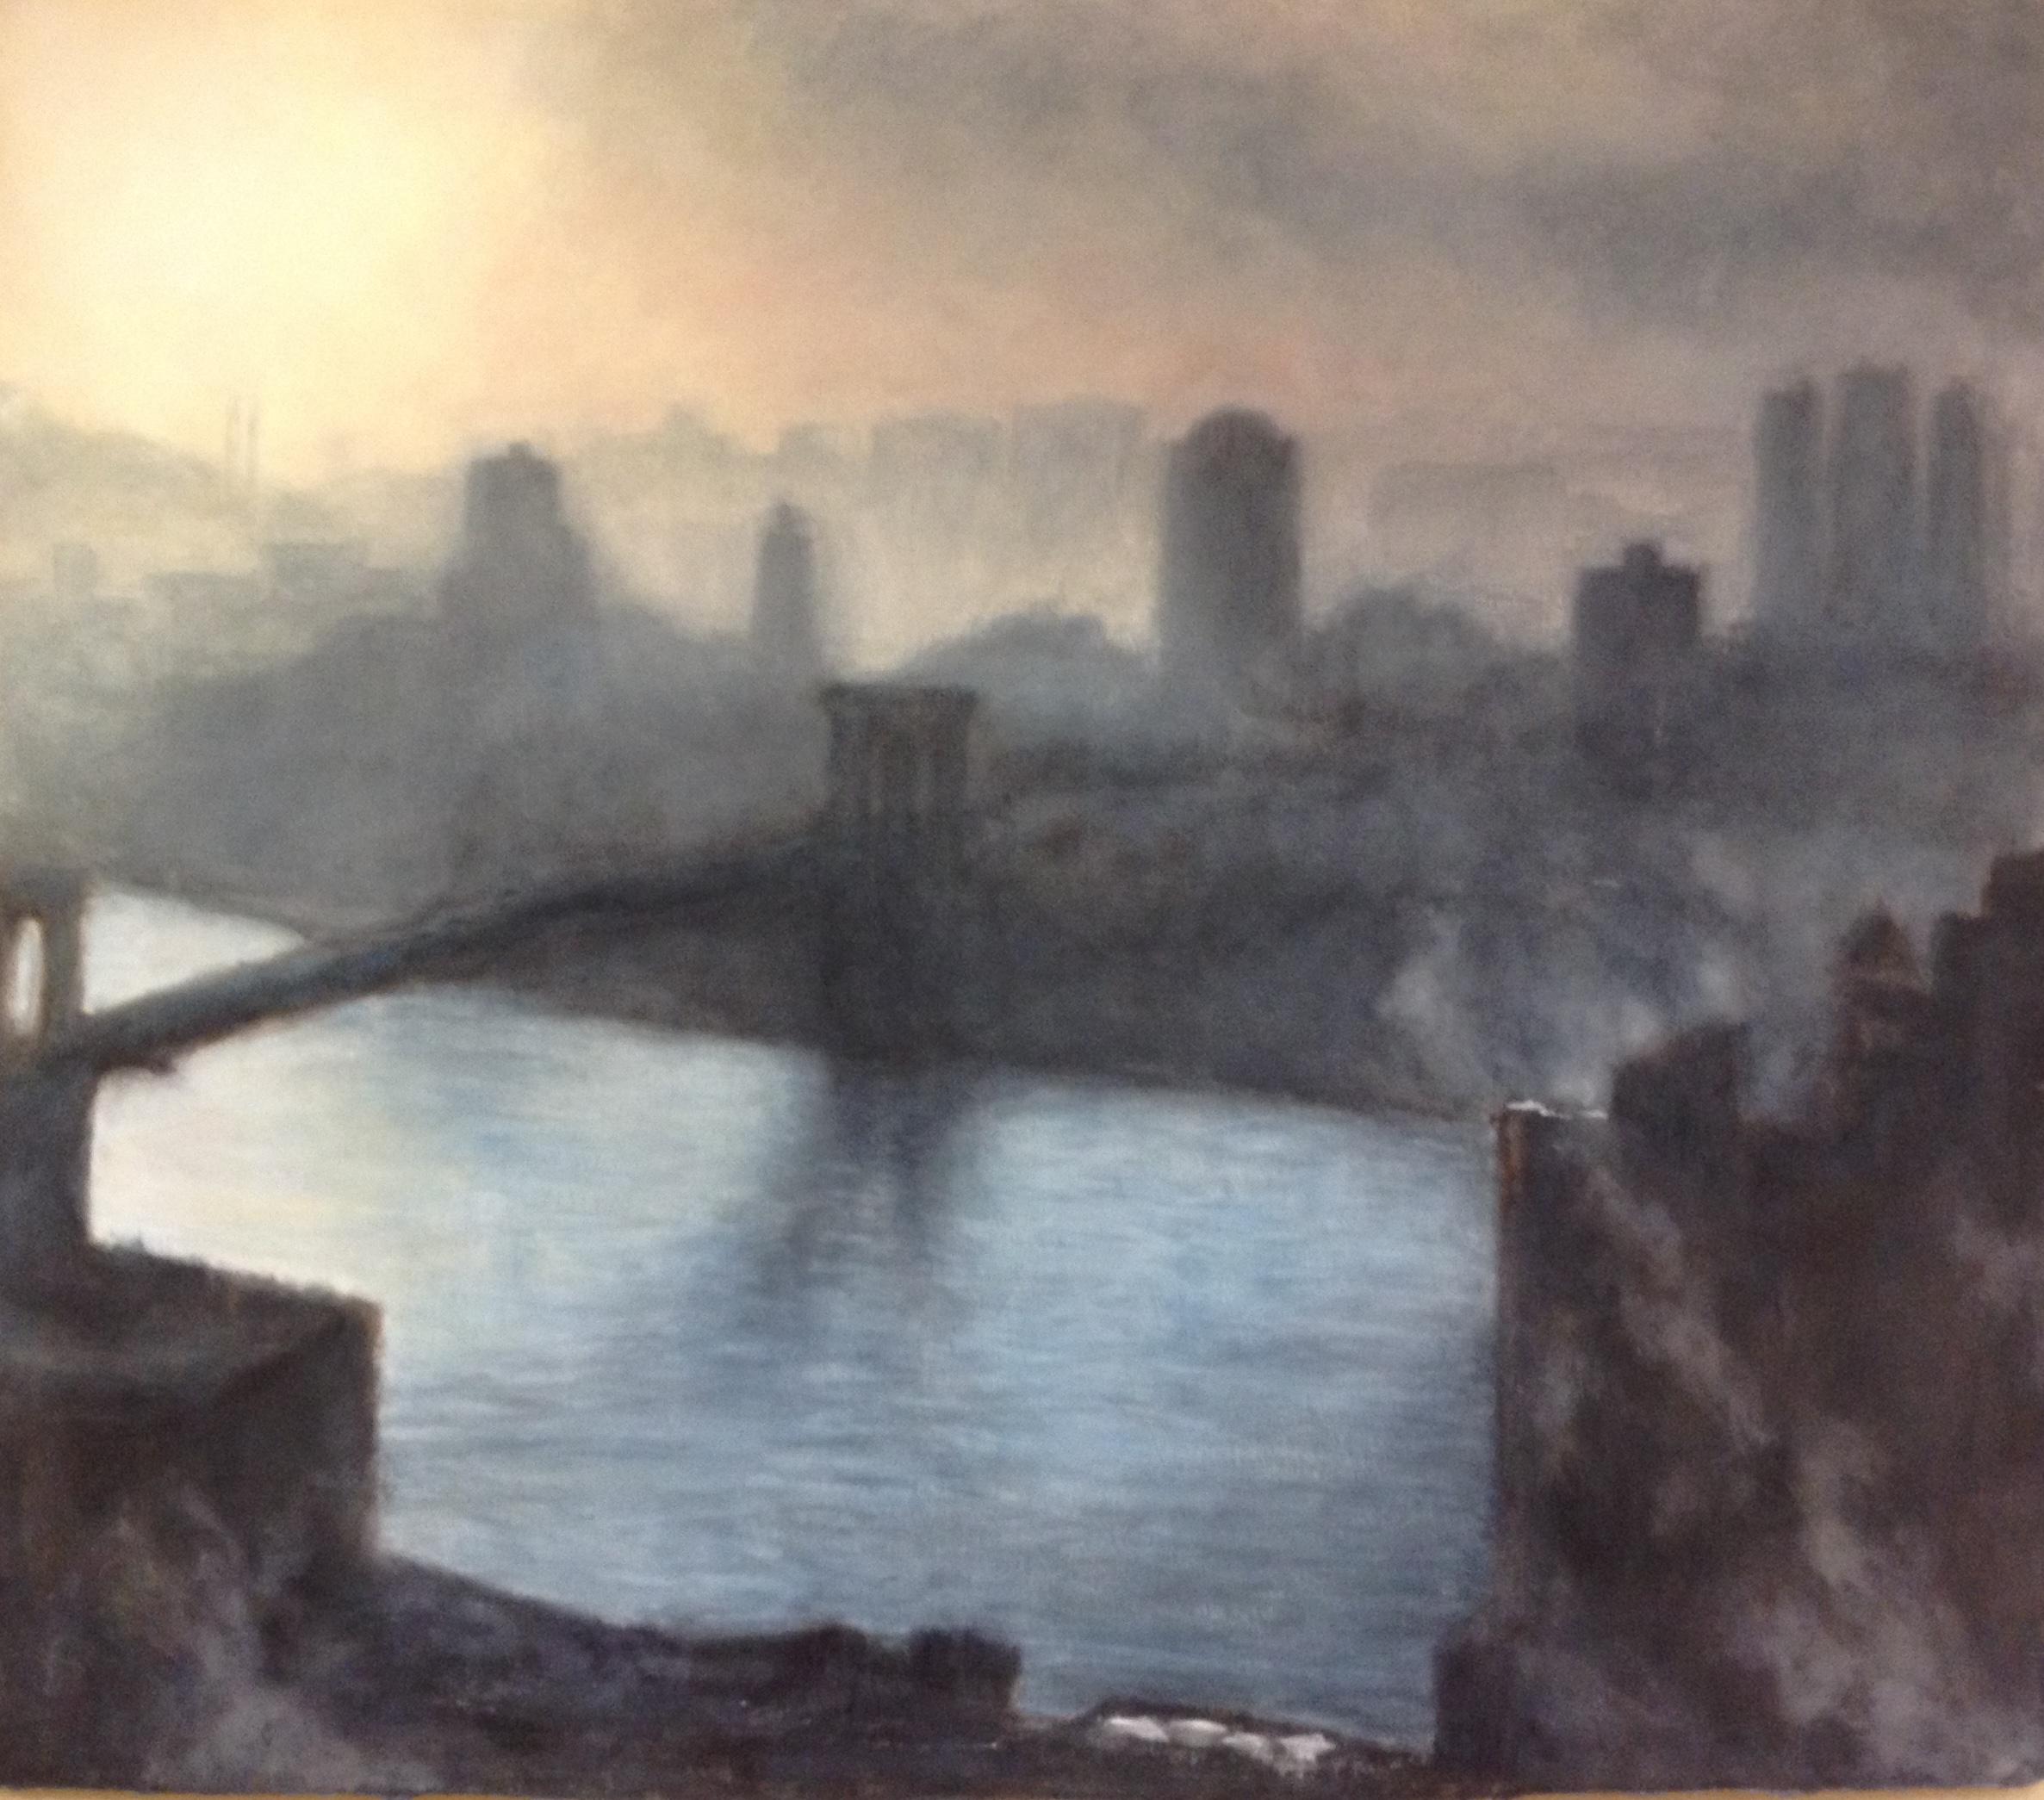 East River Dawn II • 44 x 51.5